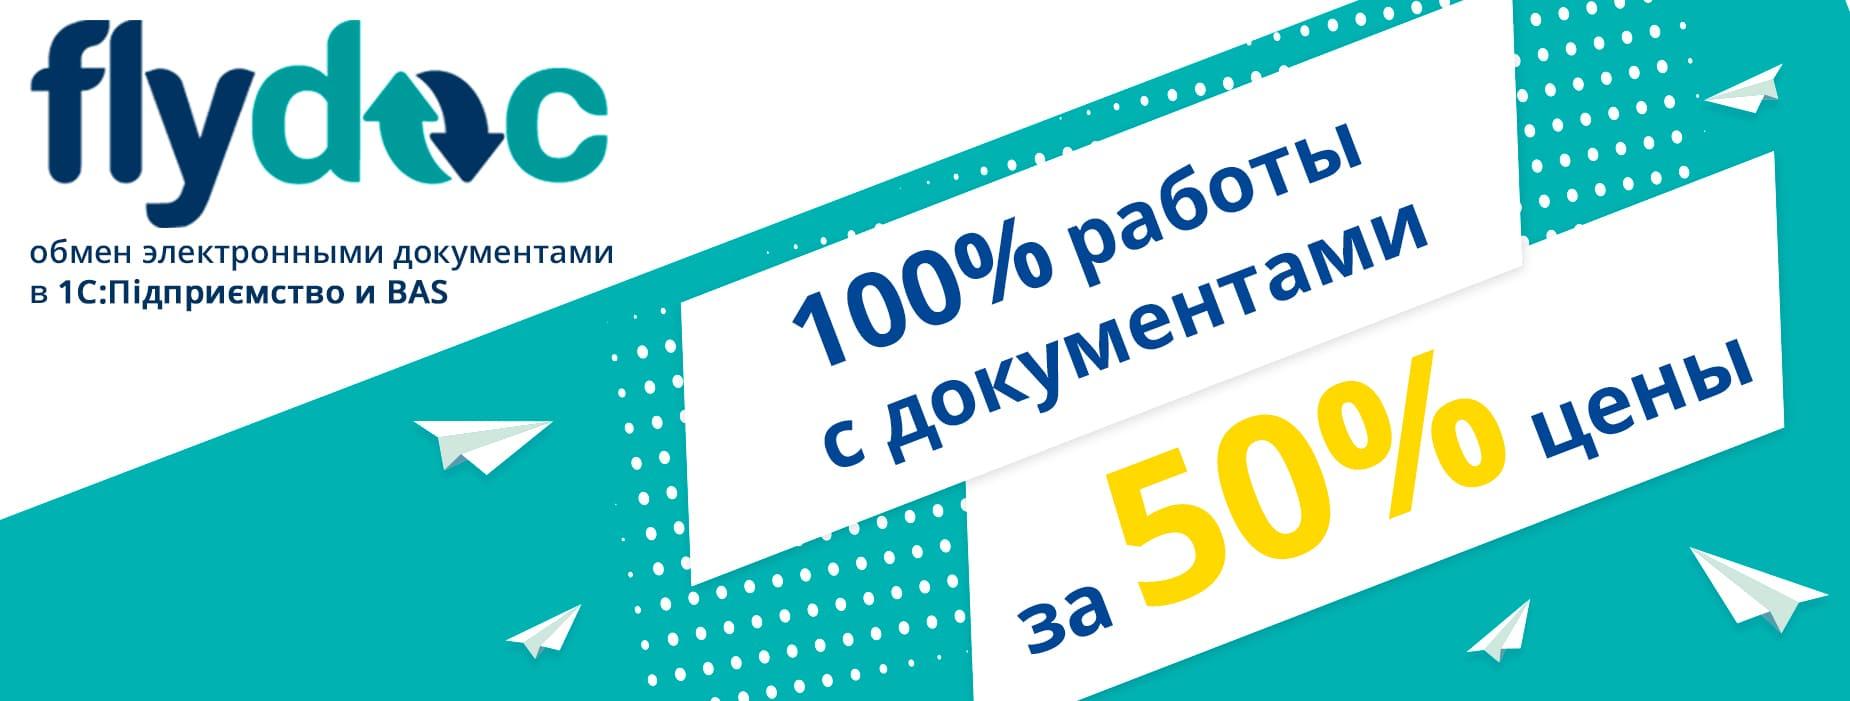 FlyDoc 05.2020 (1850х701)_ru